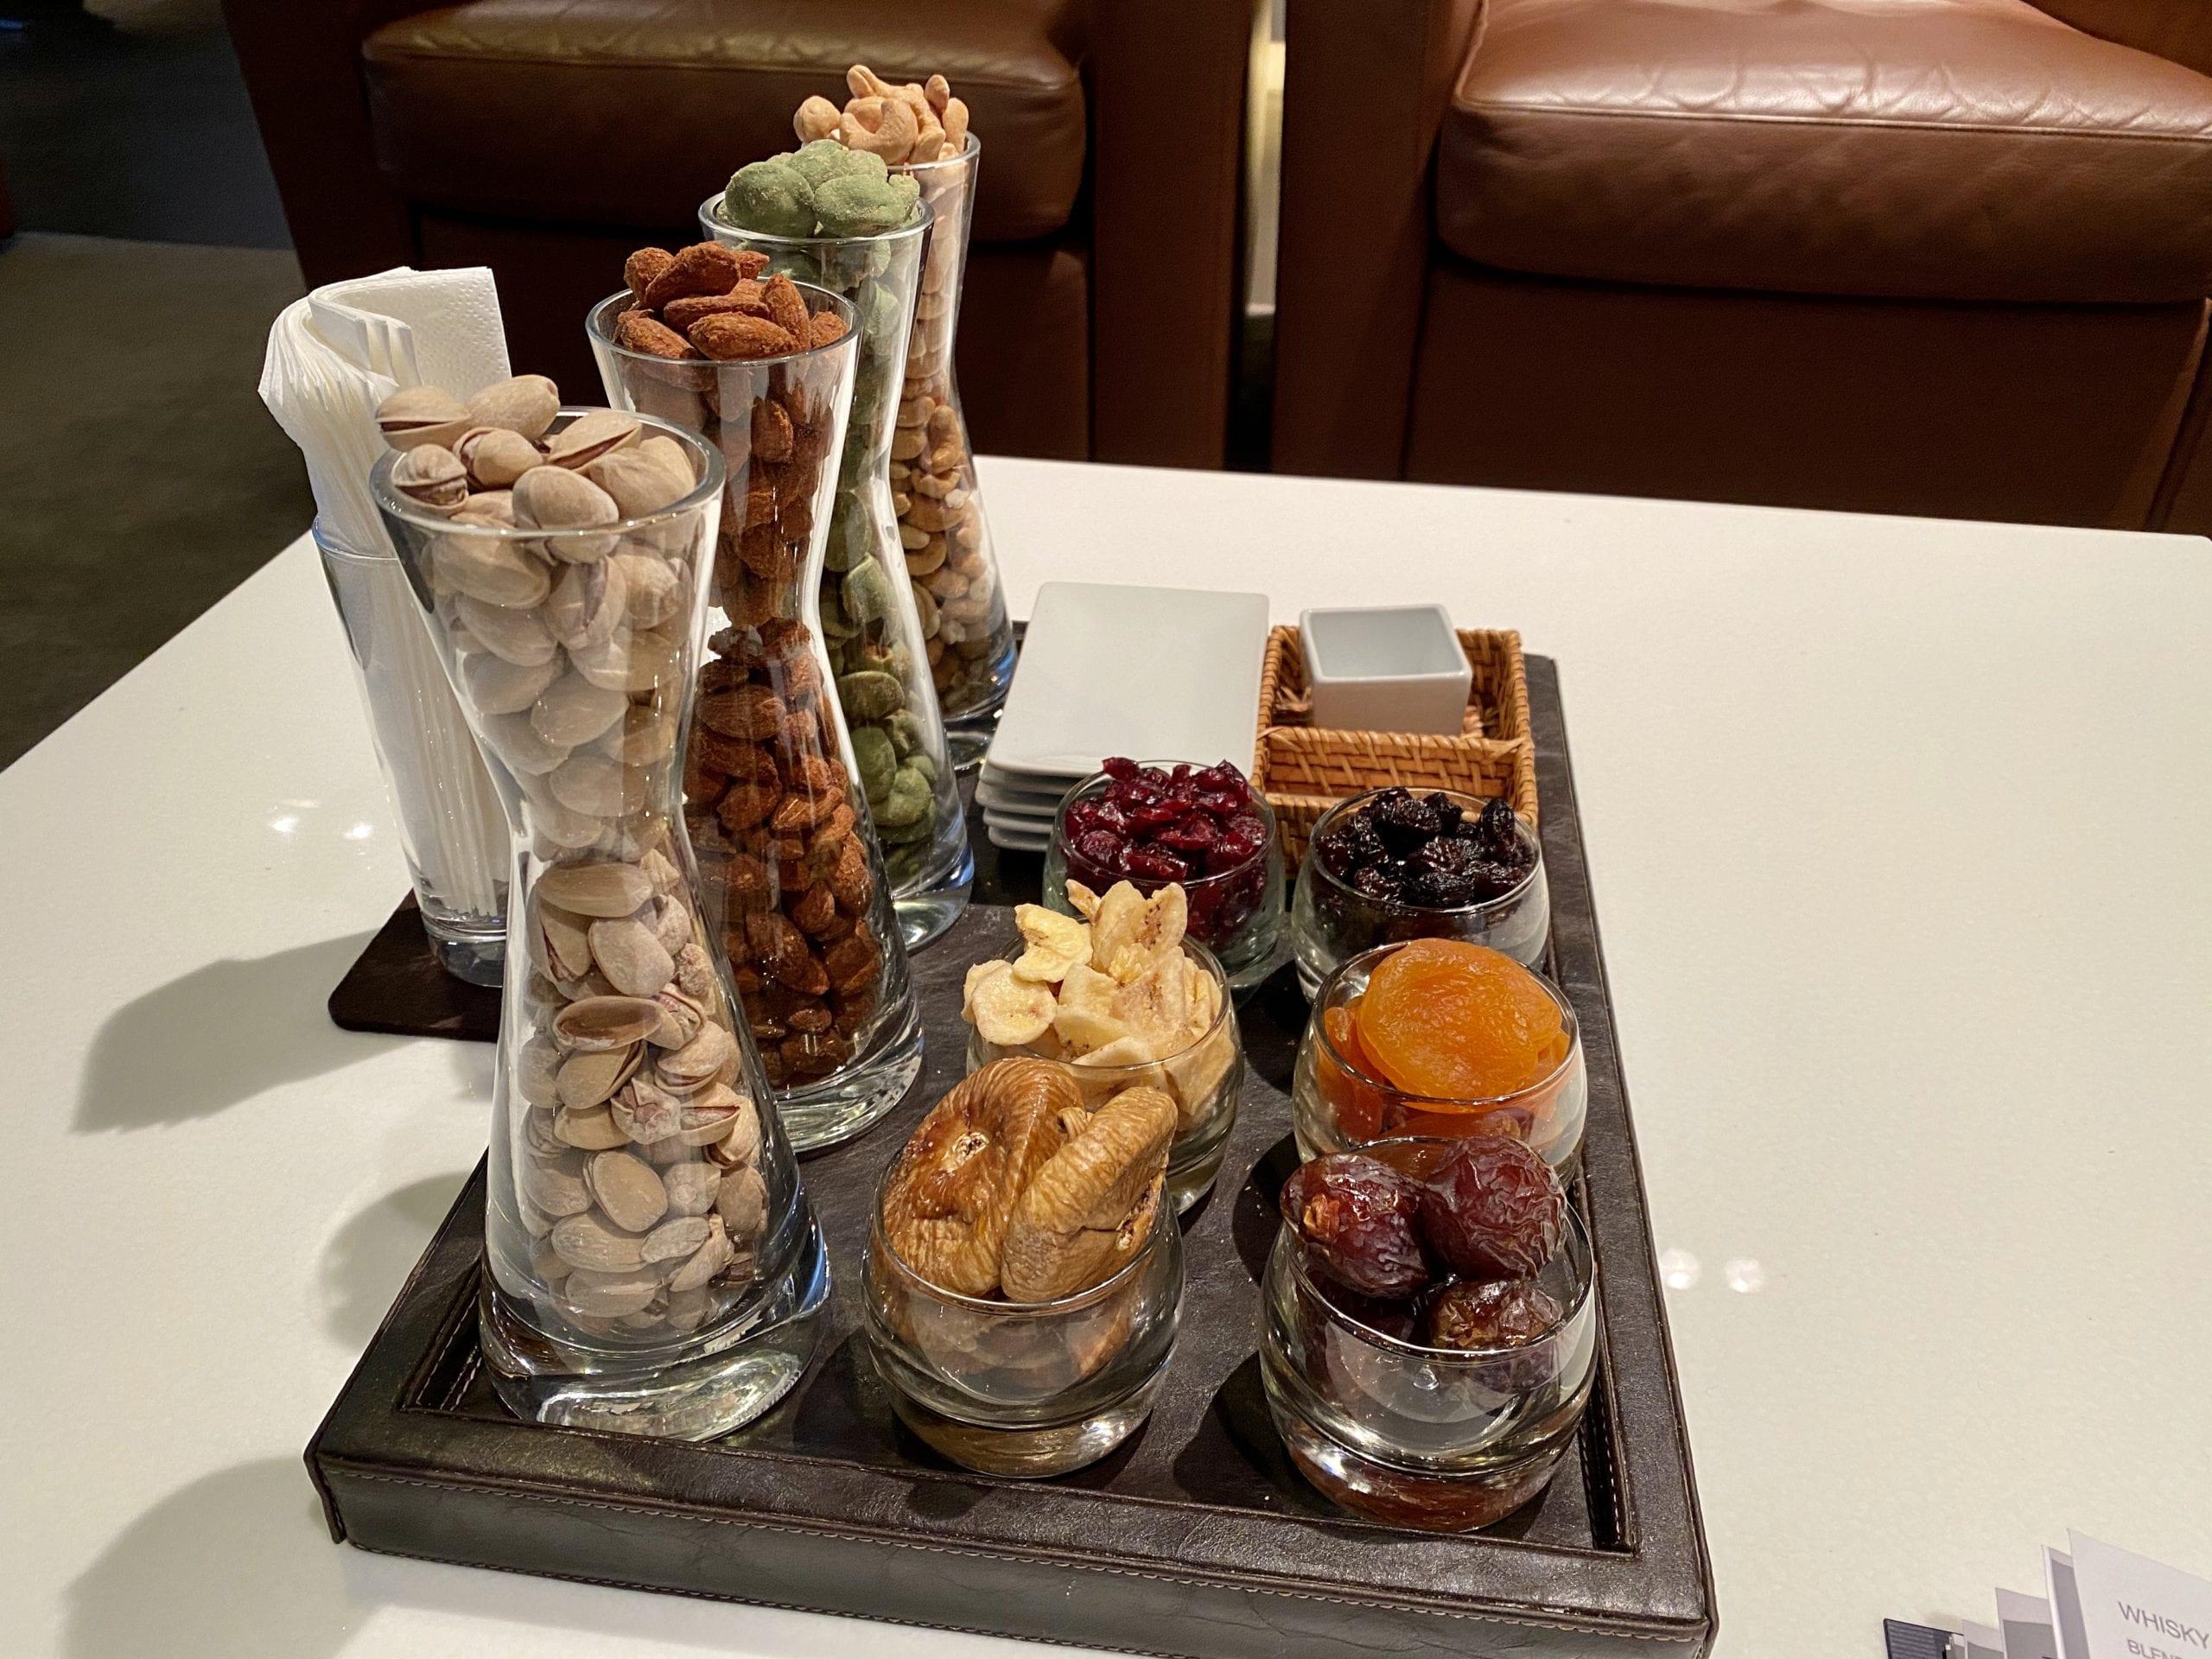 Lufthansa first class terminal snacks